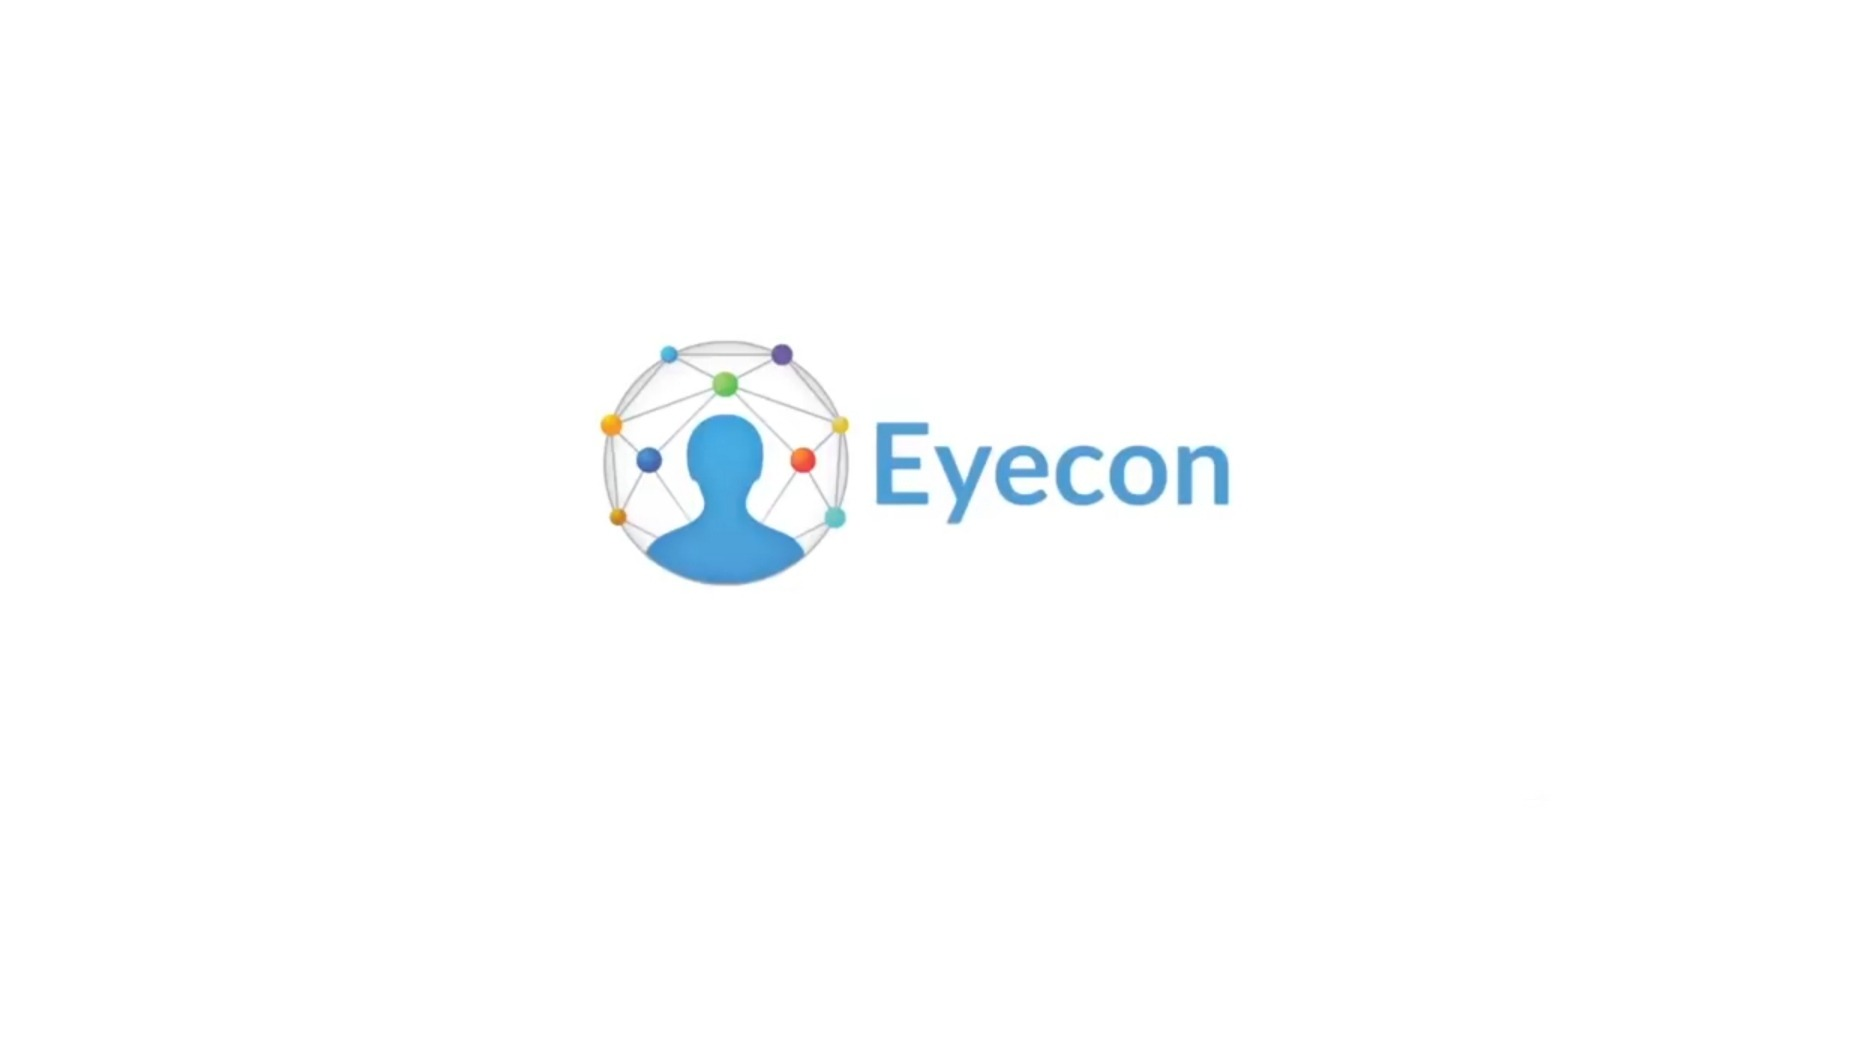 eyecon premium apk